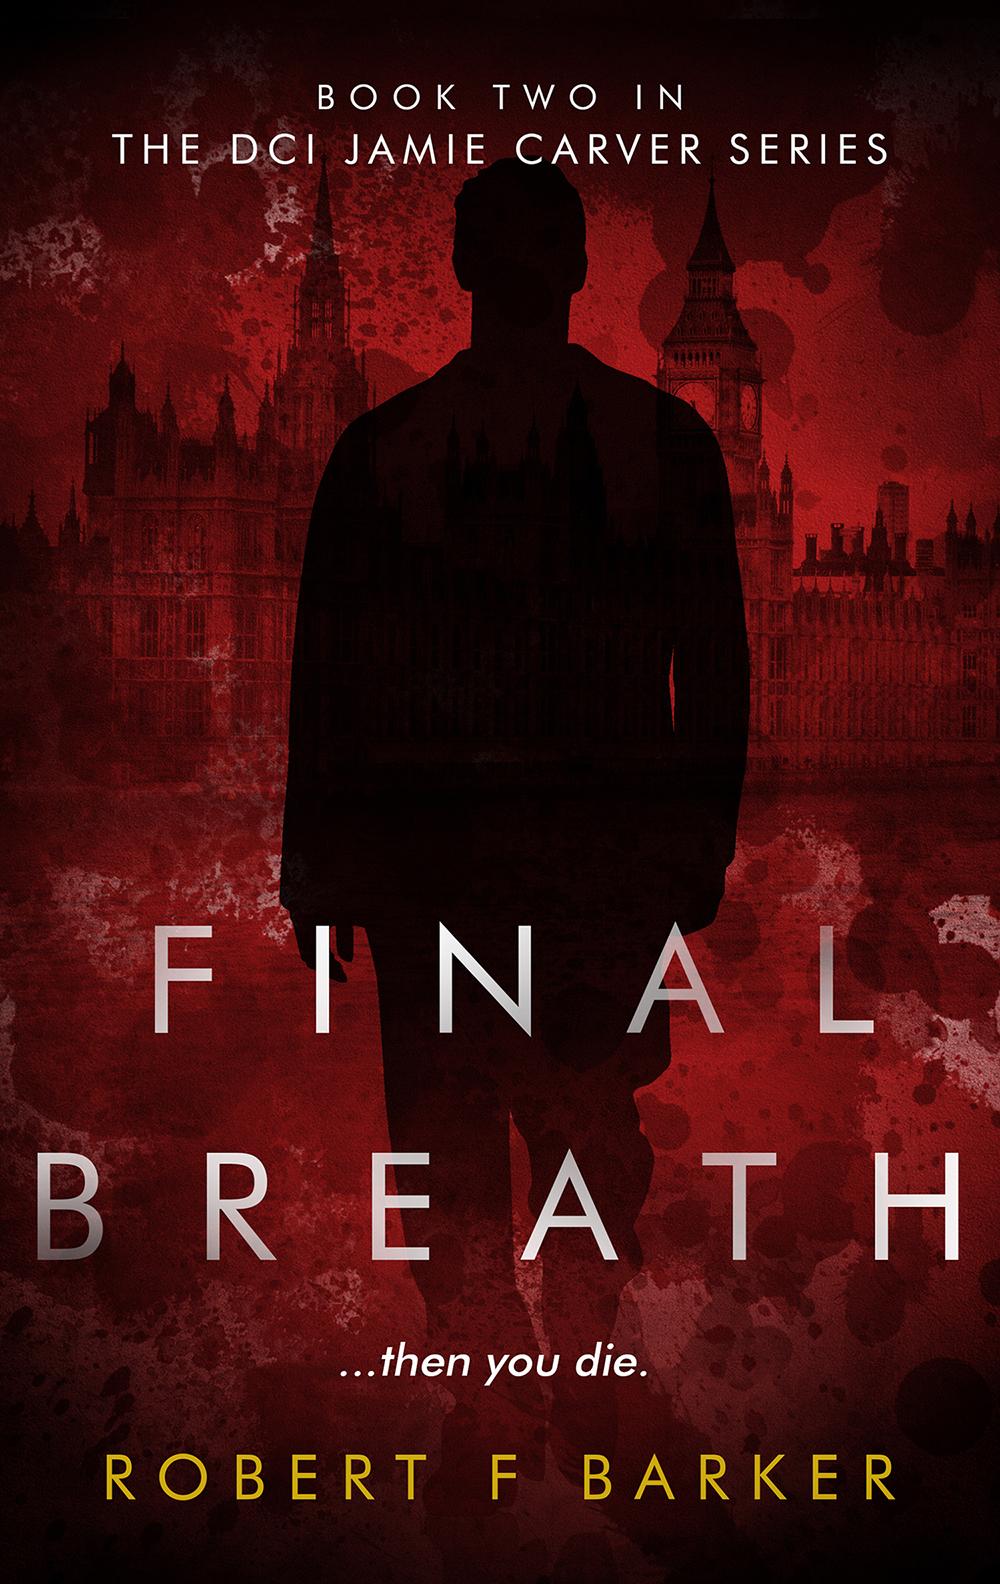 Final Breath (Small)